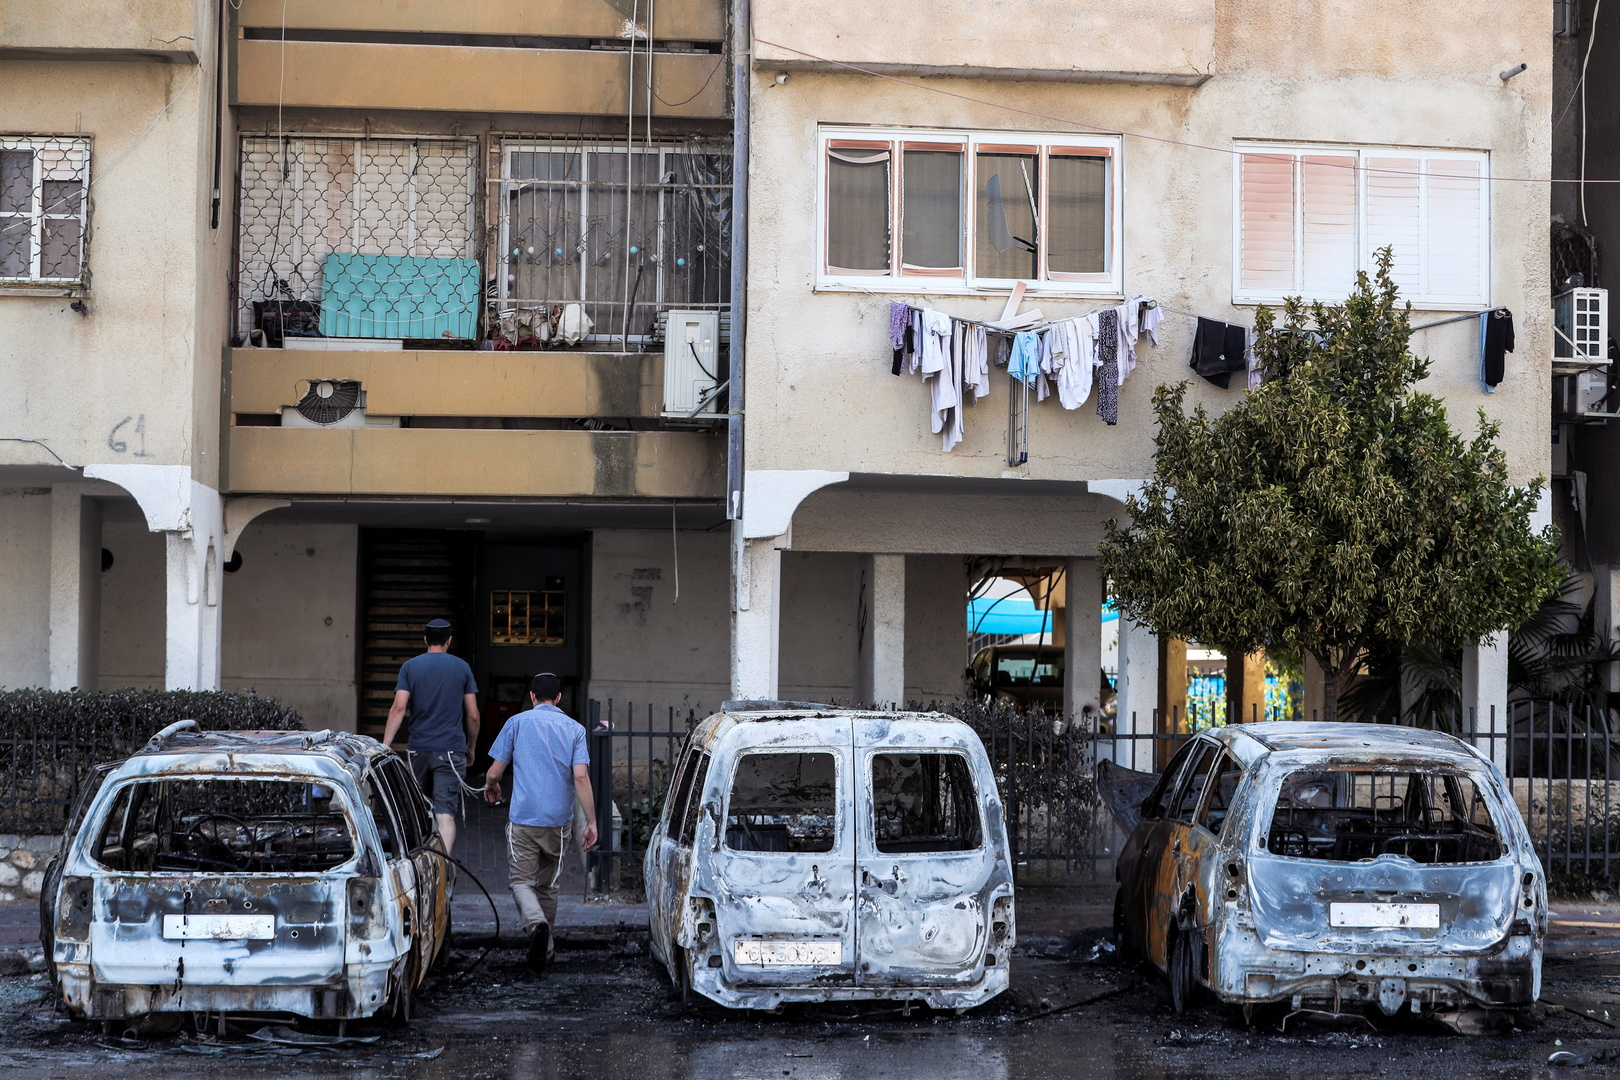 سيارات محترقة في مدينة اللد 12 مايو 2021